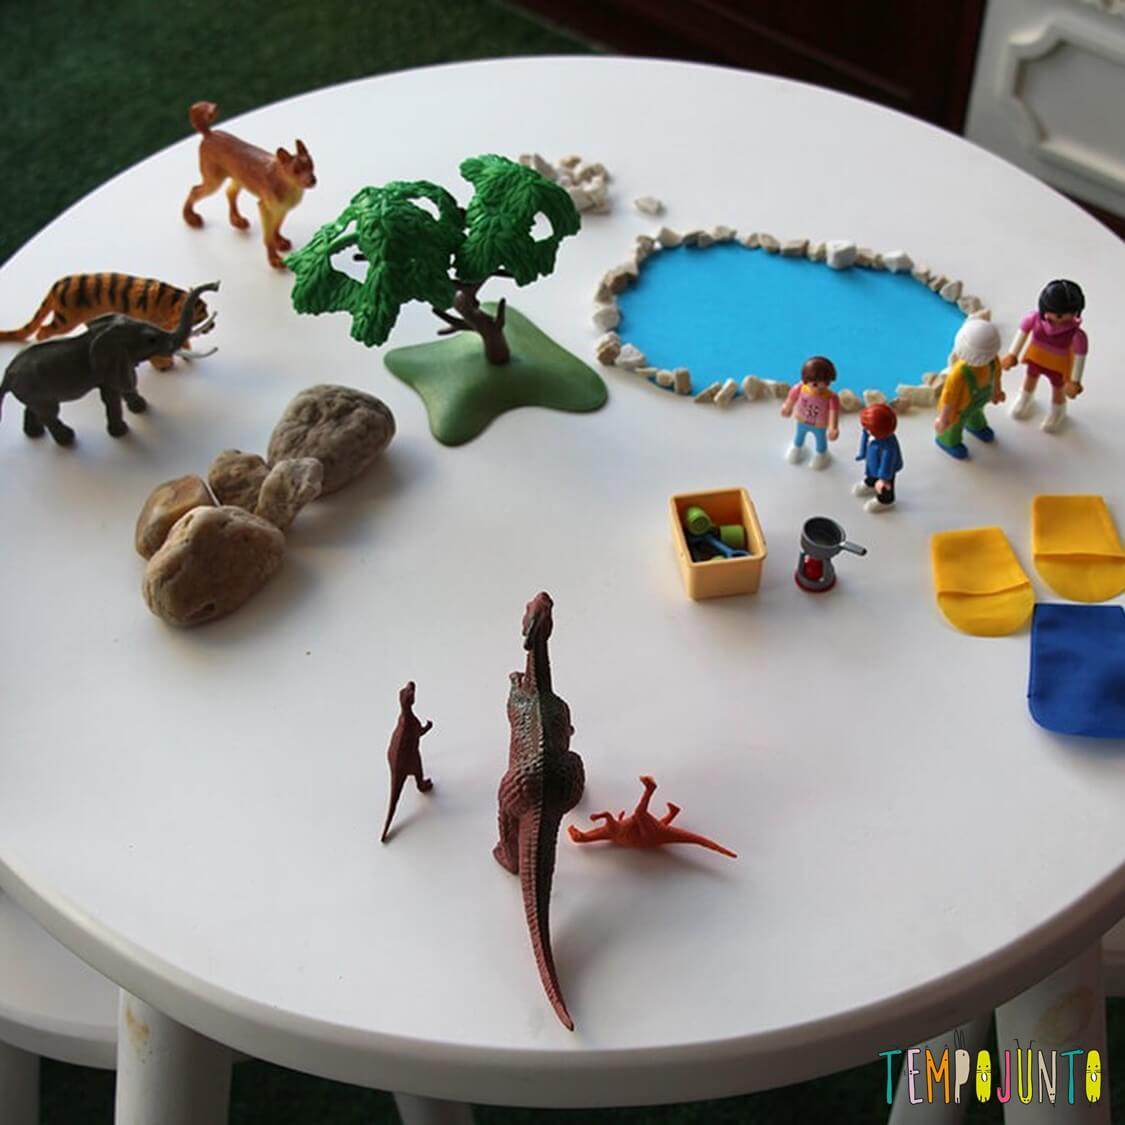 convite para brincar com bonecos, bichinhos e papel